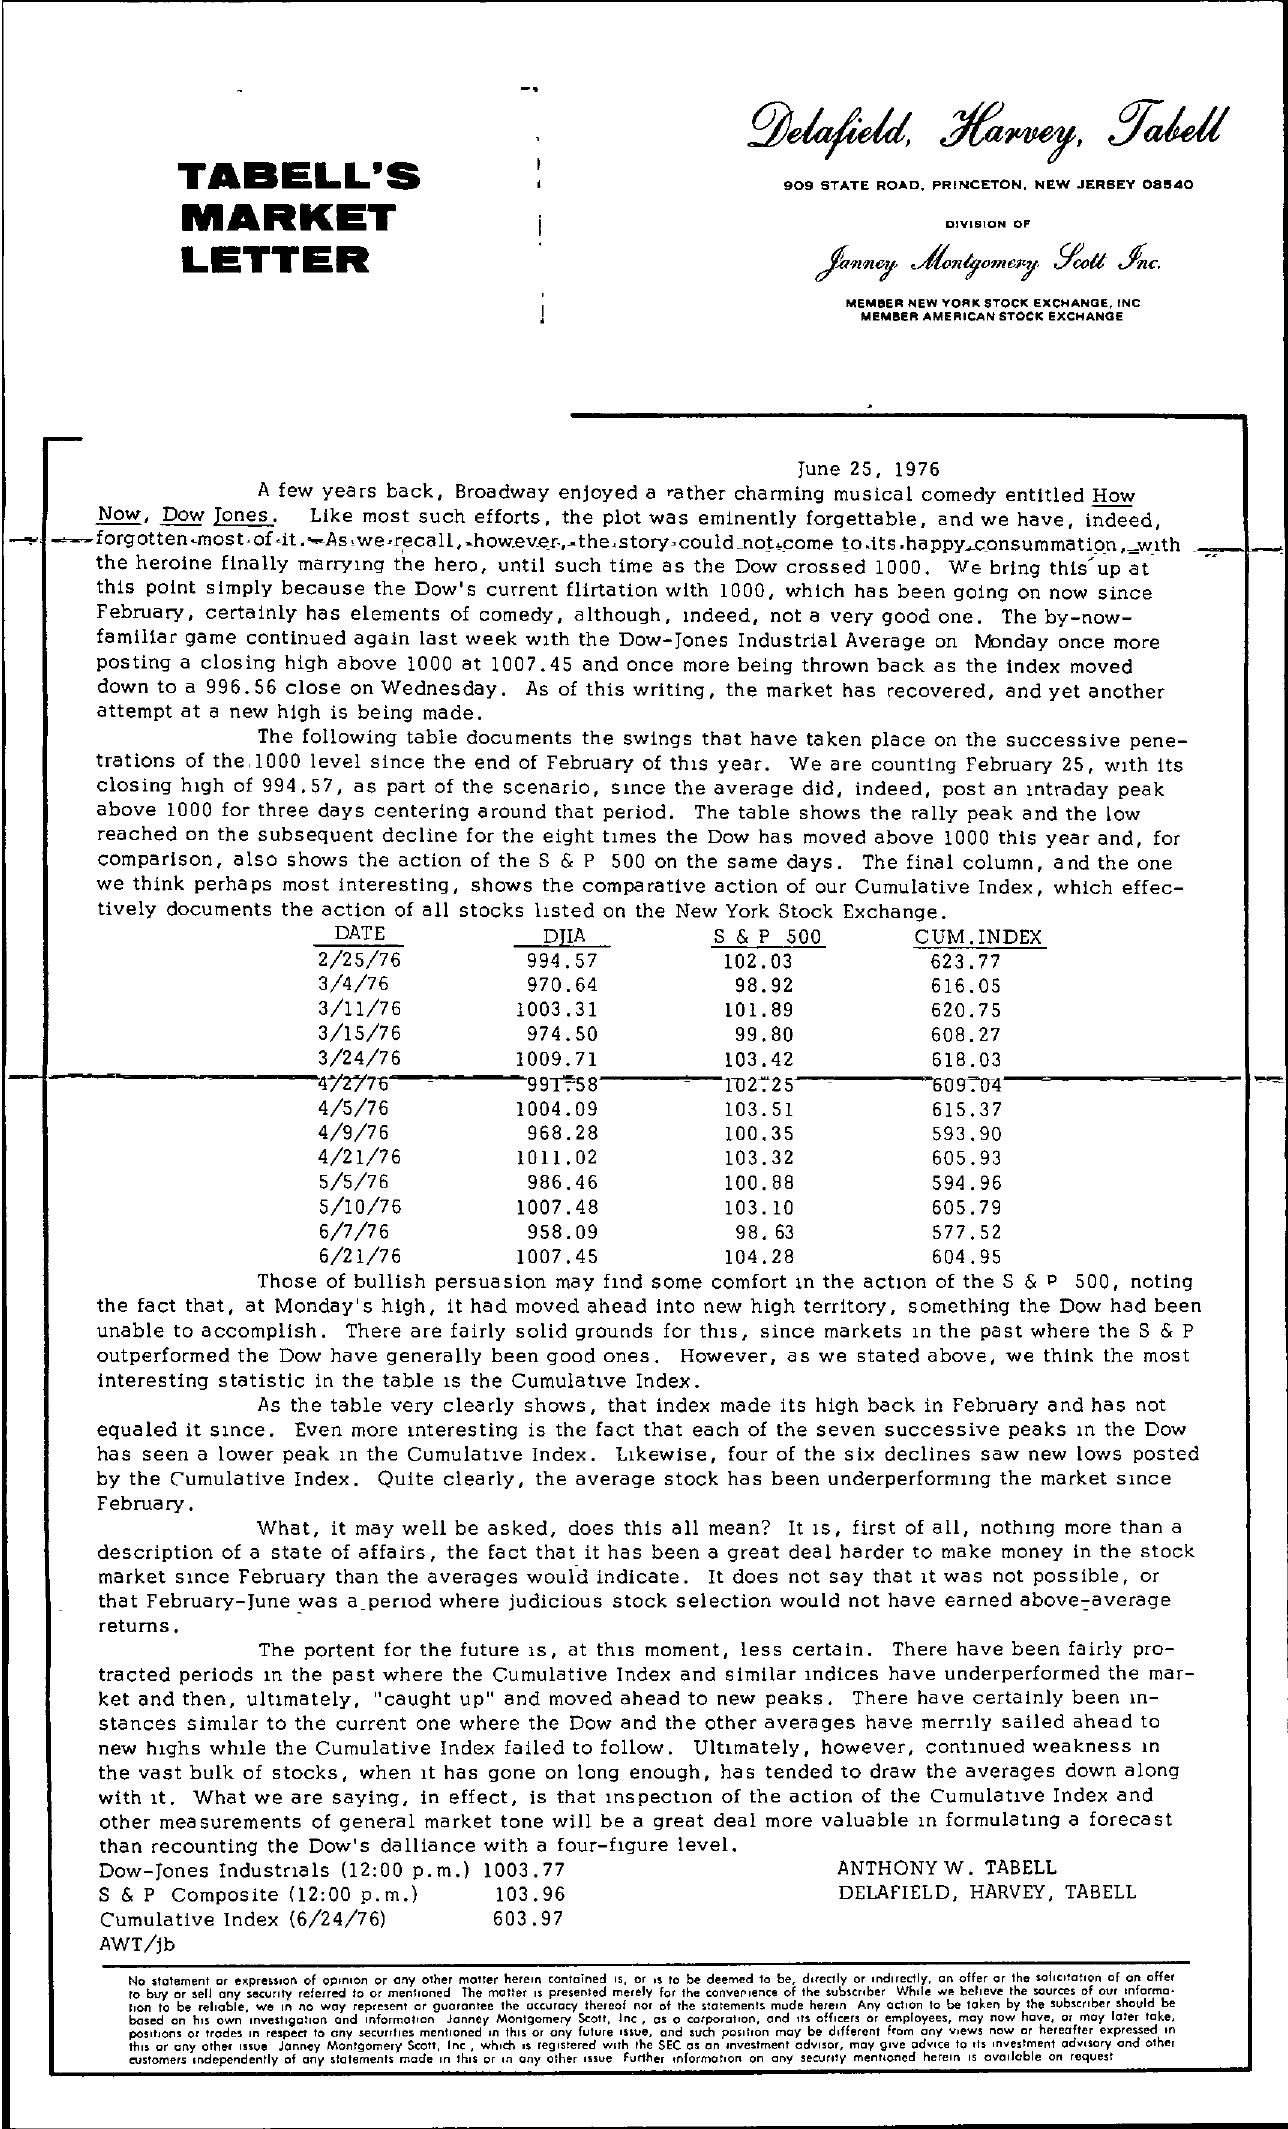 Tabell's Market Letter - June 25, 1976